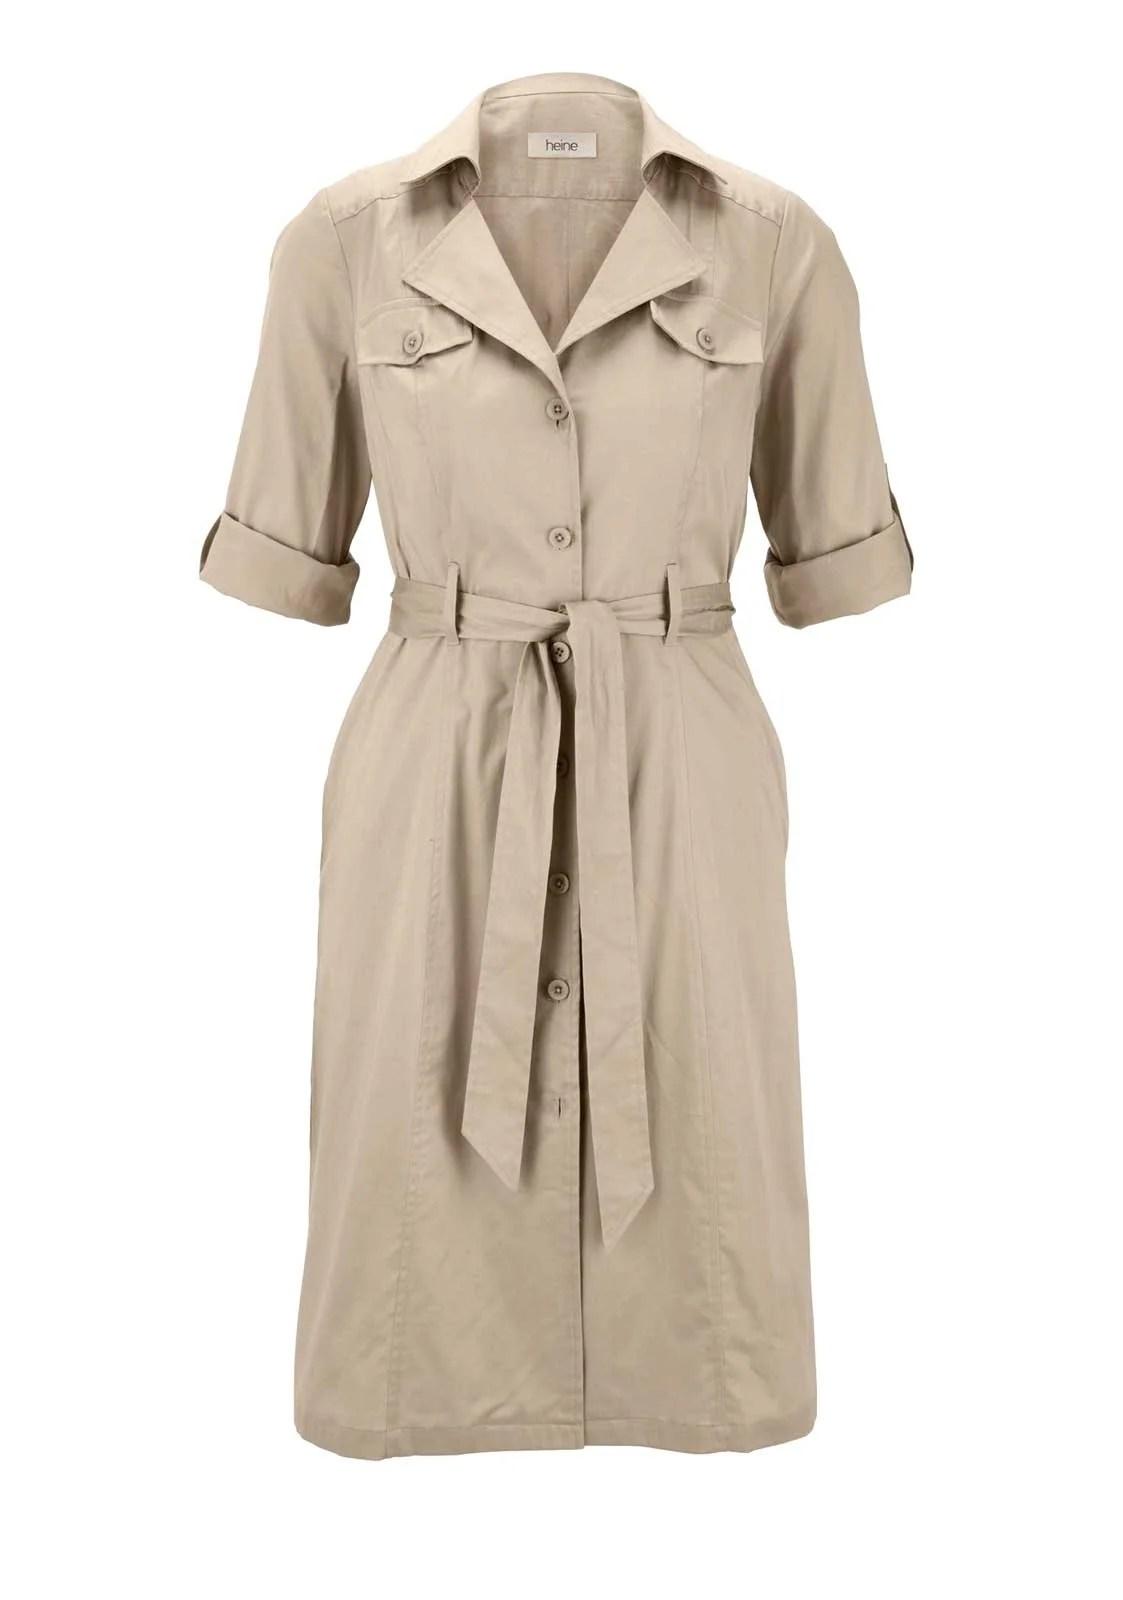 wadenlange kleider für besondere anlässe HEINE Damen Hemdblusenkleid Kiesel 927.286 missforty